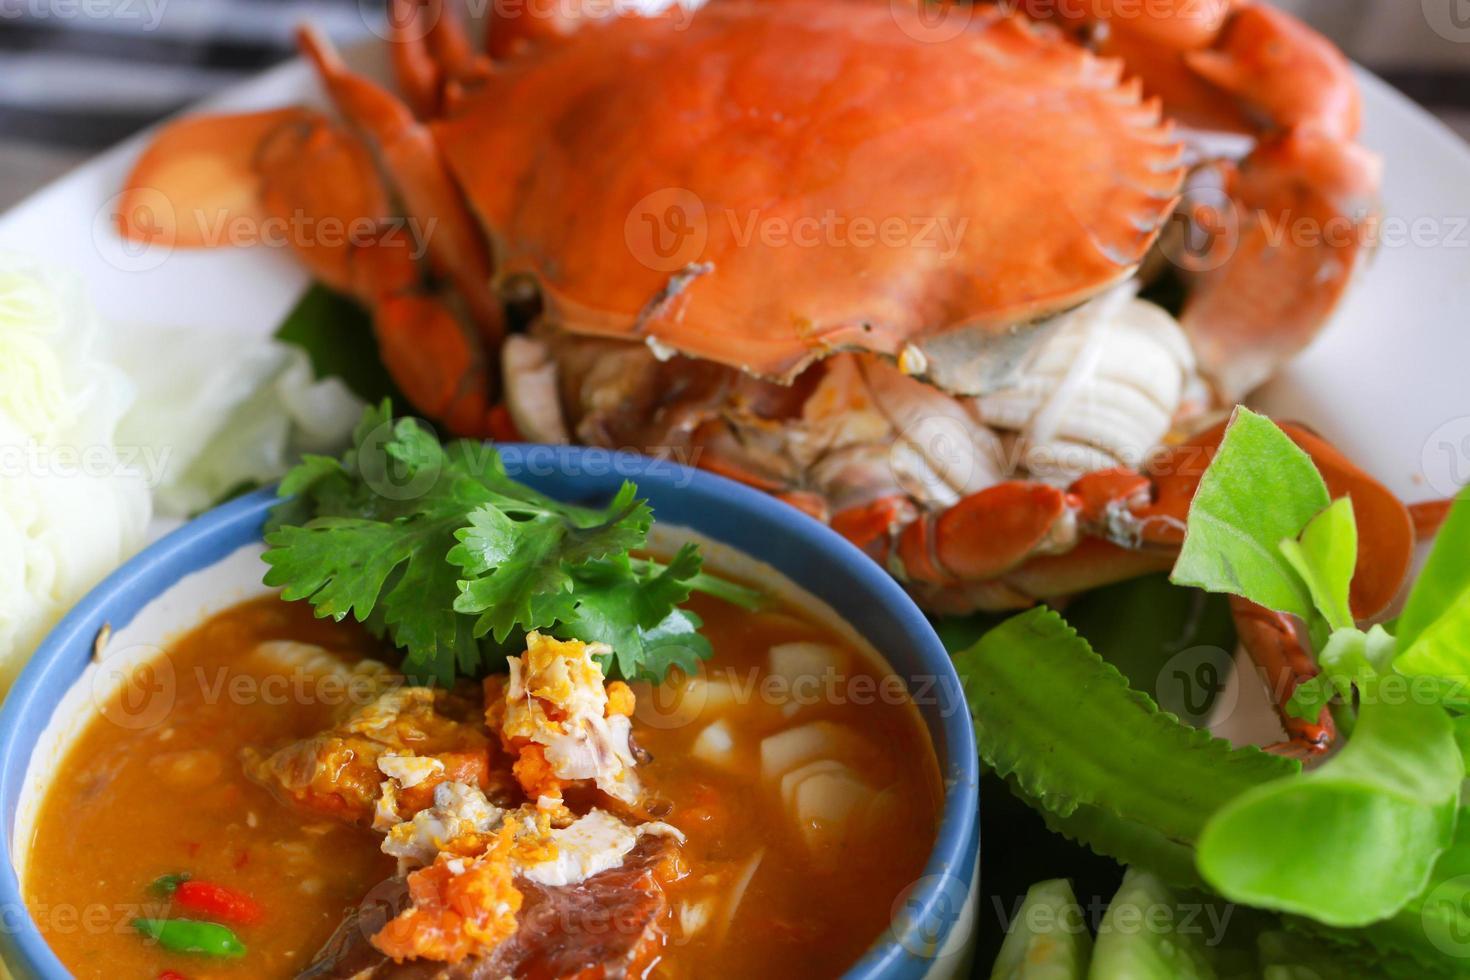 cuisine thaïlandaise sauce pimentée aux herbes épicée, mise au point sélective photo